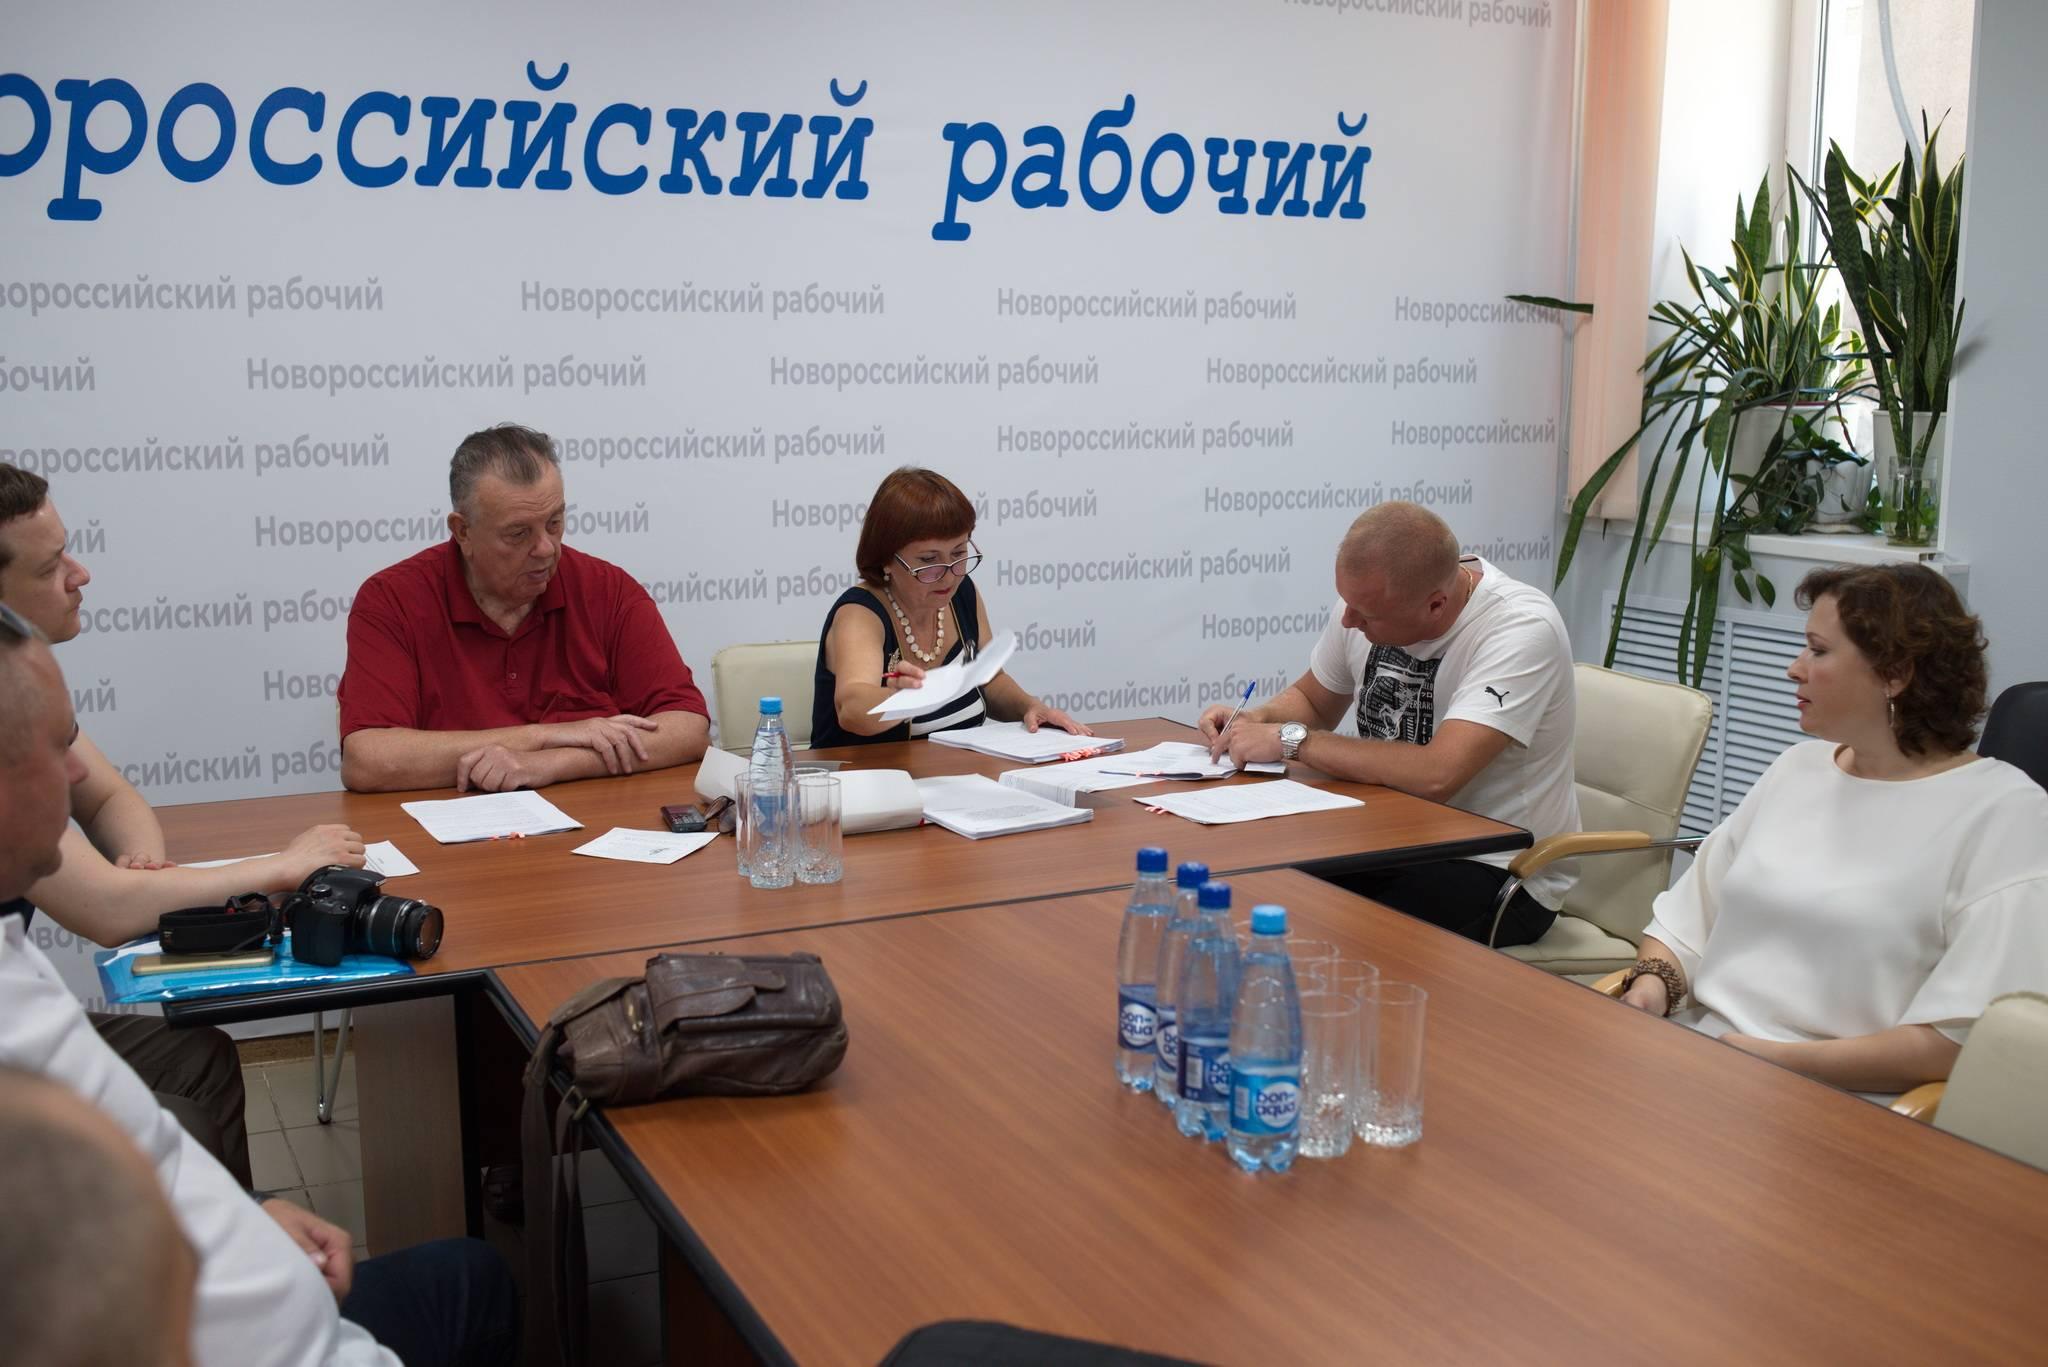 В Новороссийске распределили бесплатную печатную площадь